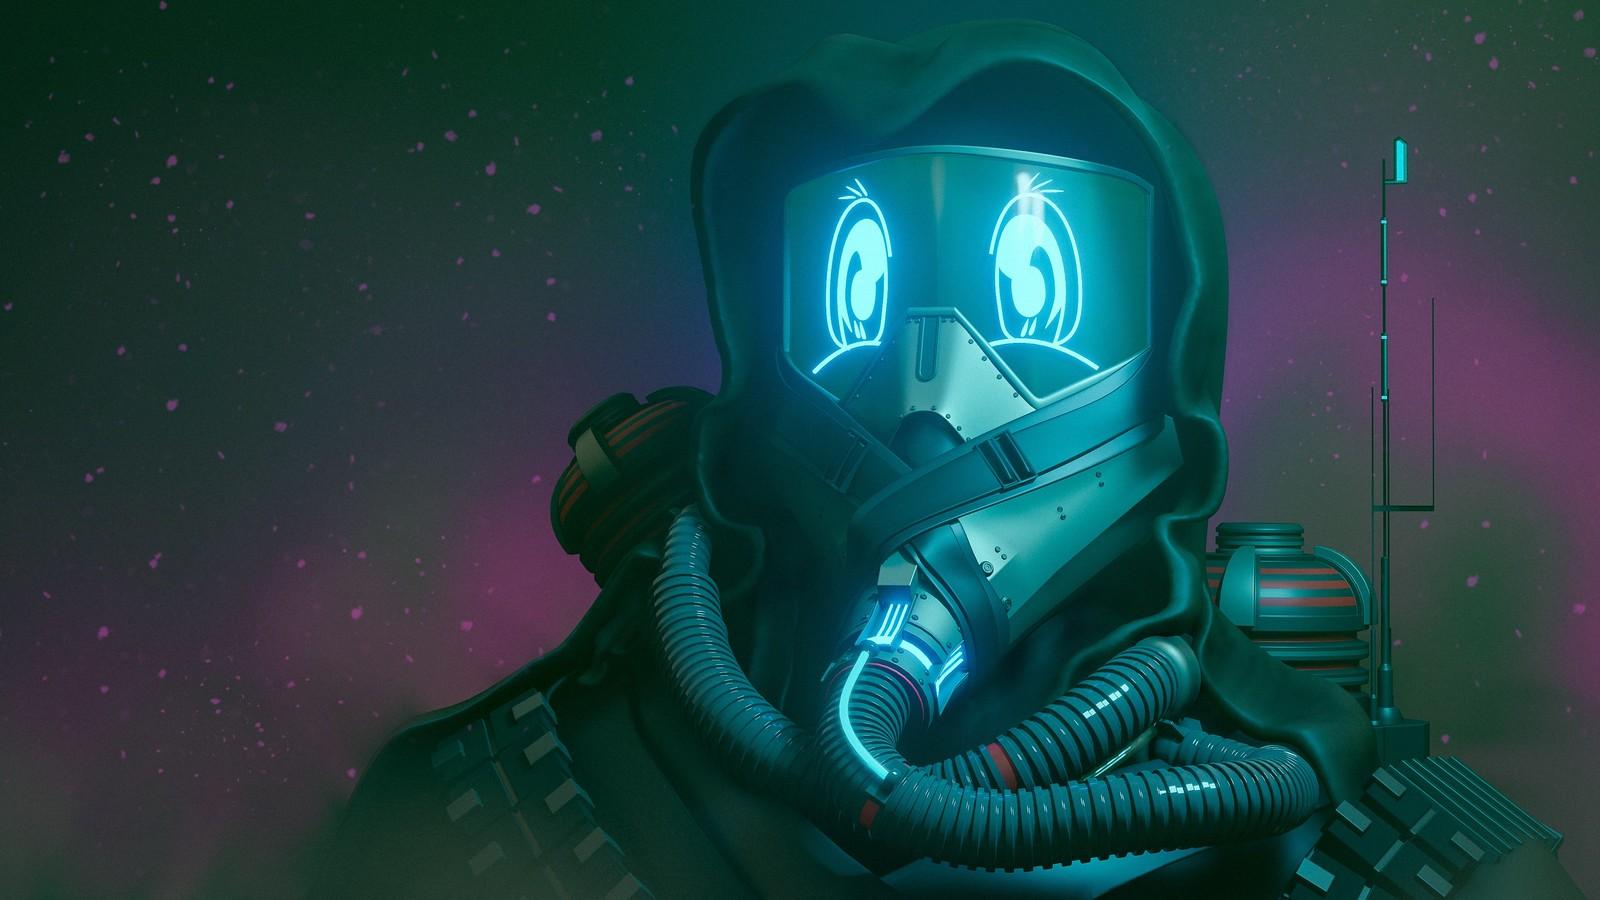 Cyberpunk Scout